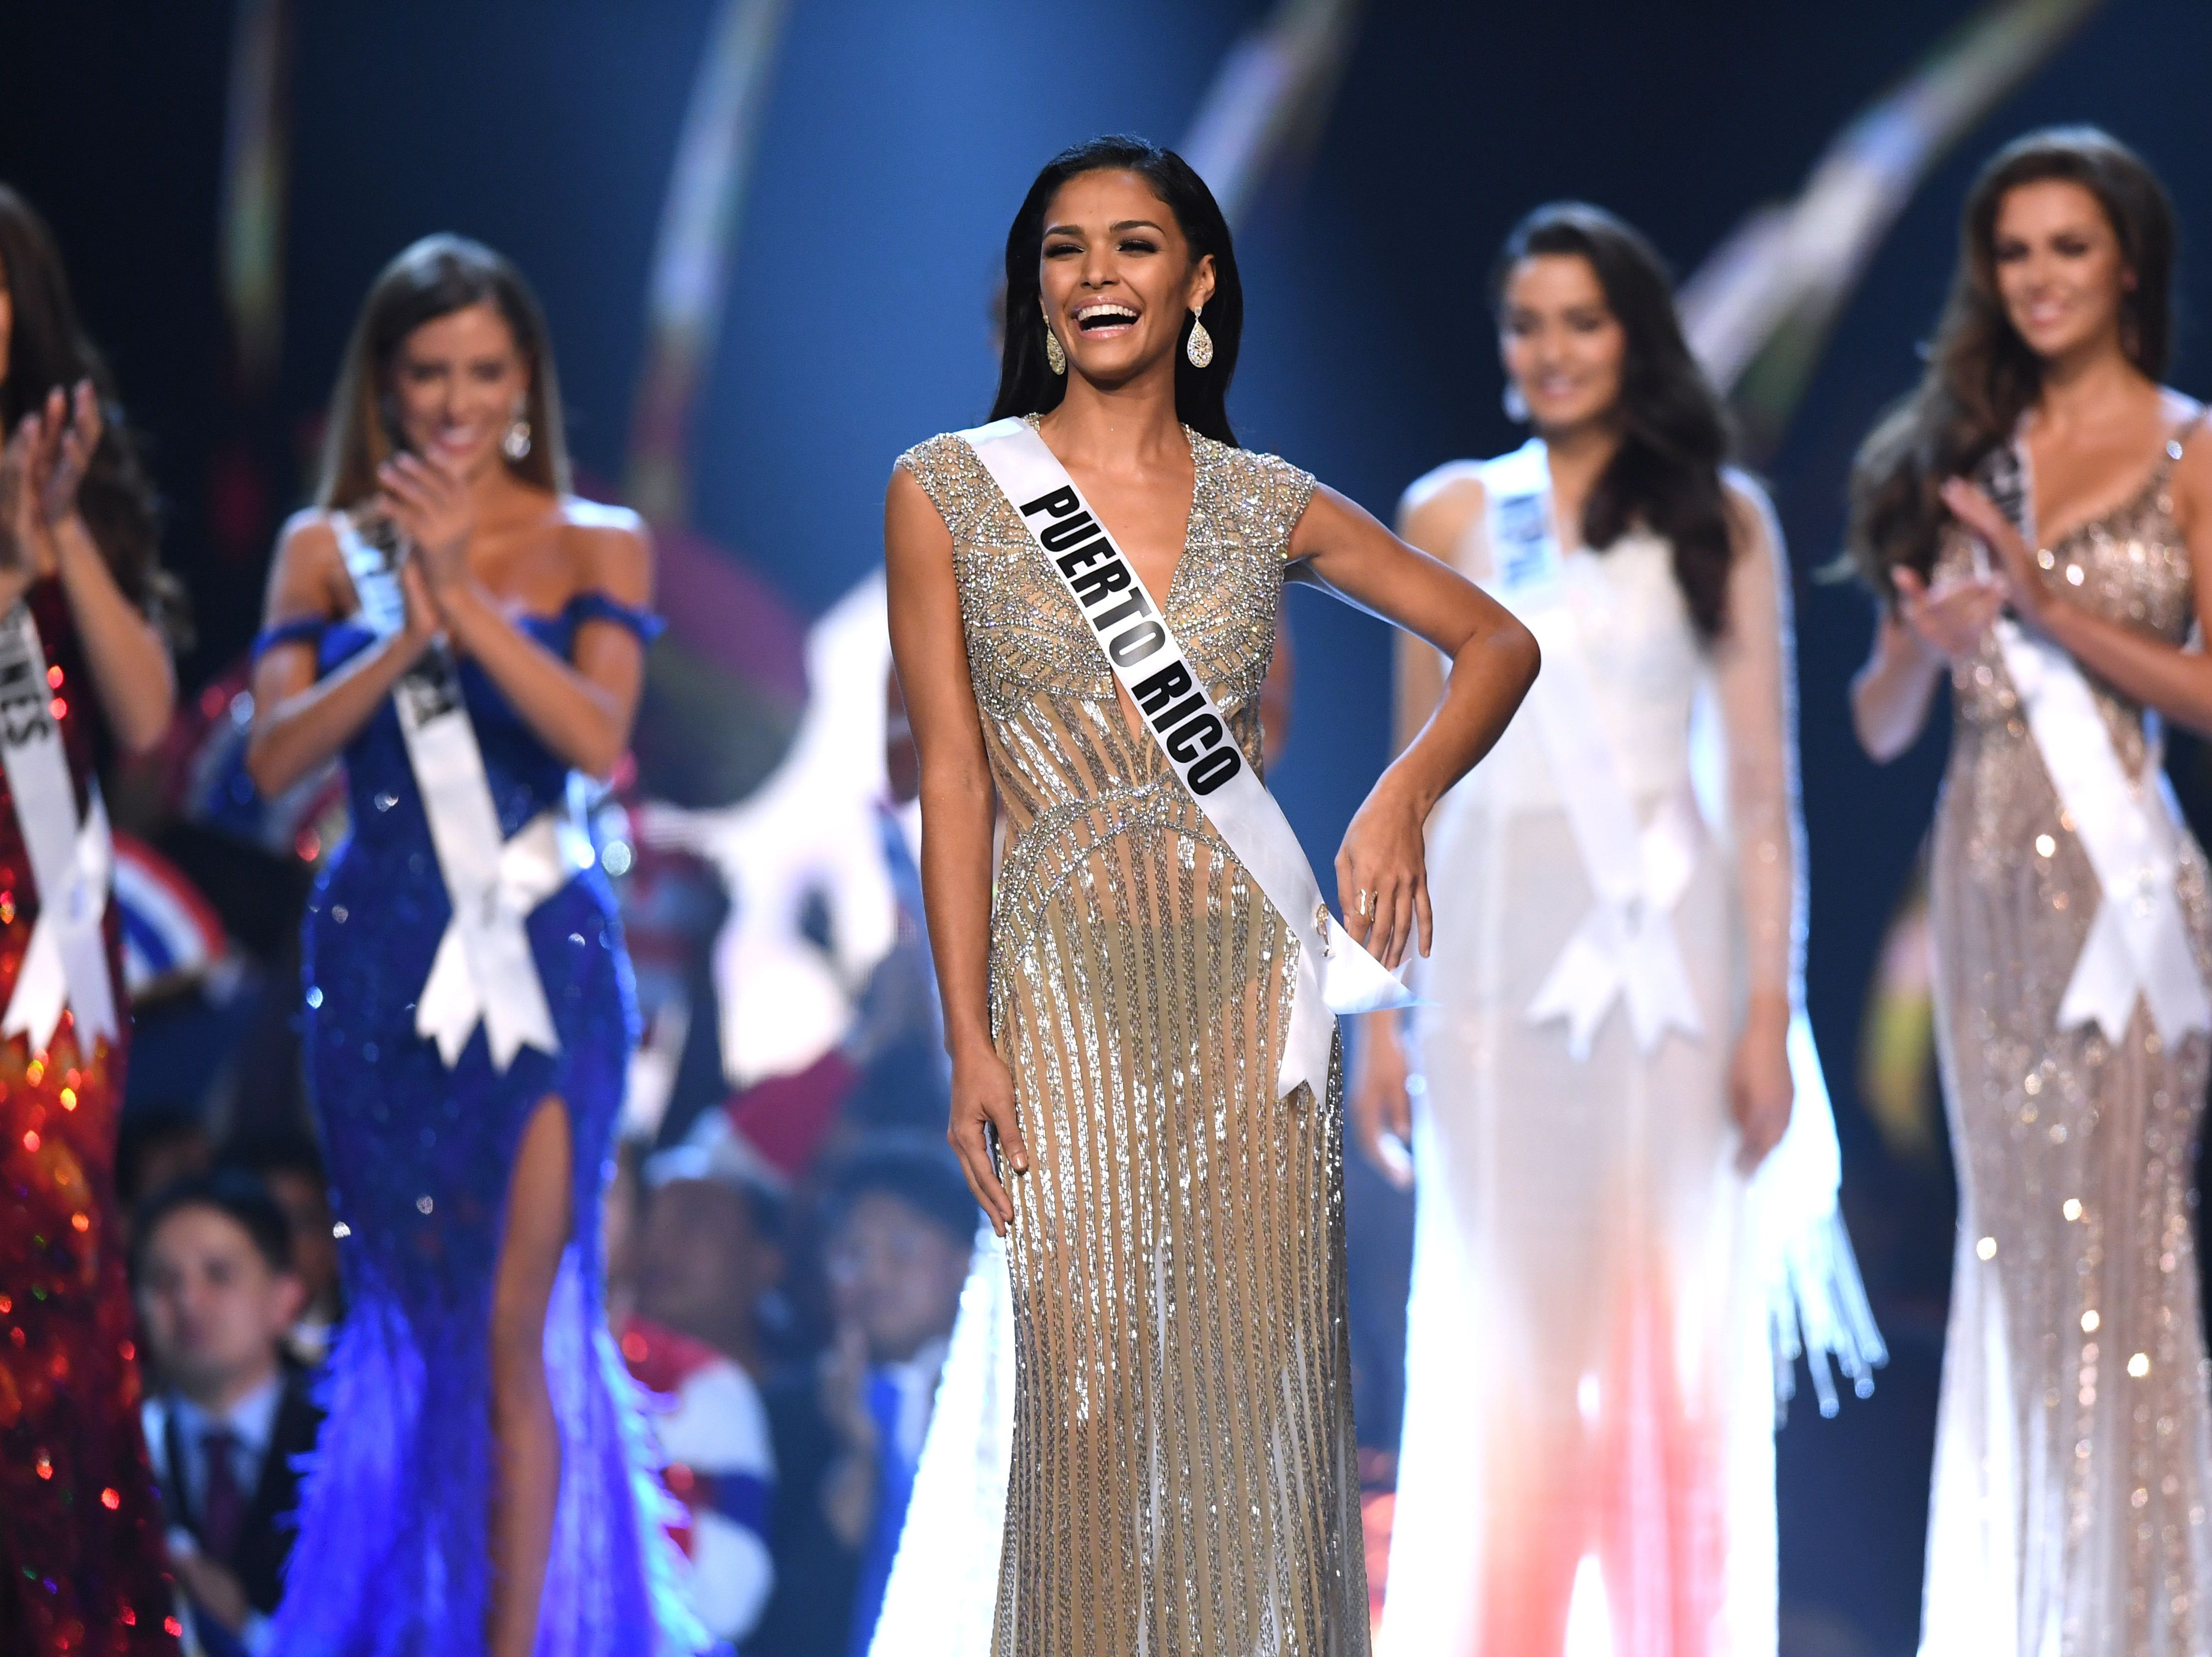 Kiara Ortega (centro) de Puerto Rico reacciona después de haber sido seleccionado entre los cinco primeros finalistas en el concurso Miss Universo de 2018 en Bangkok el 17 de diciembre de 2018.